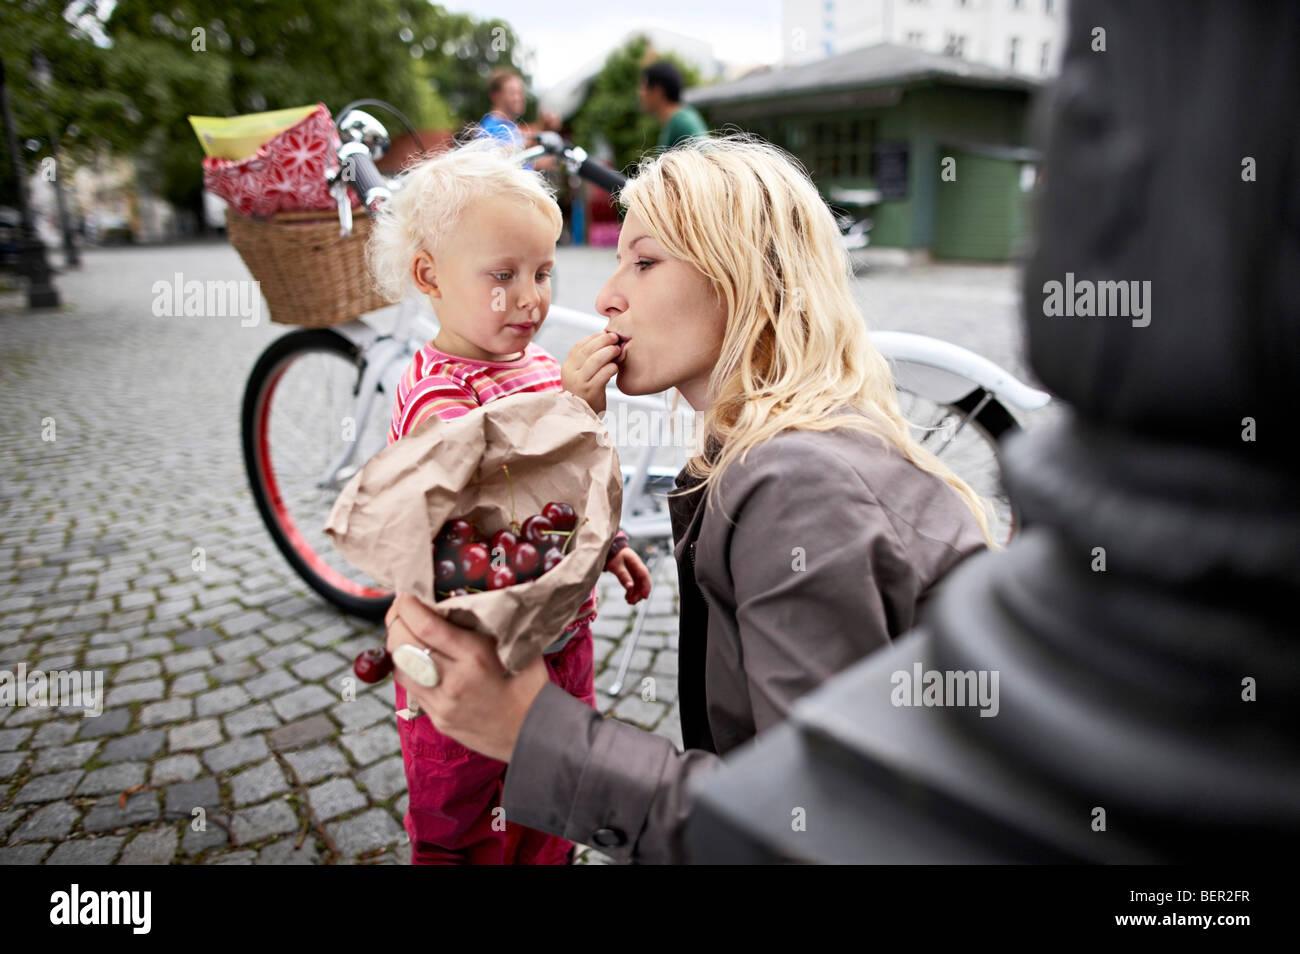 Petite fille et mère de manger des cerises Banque D'Images